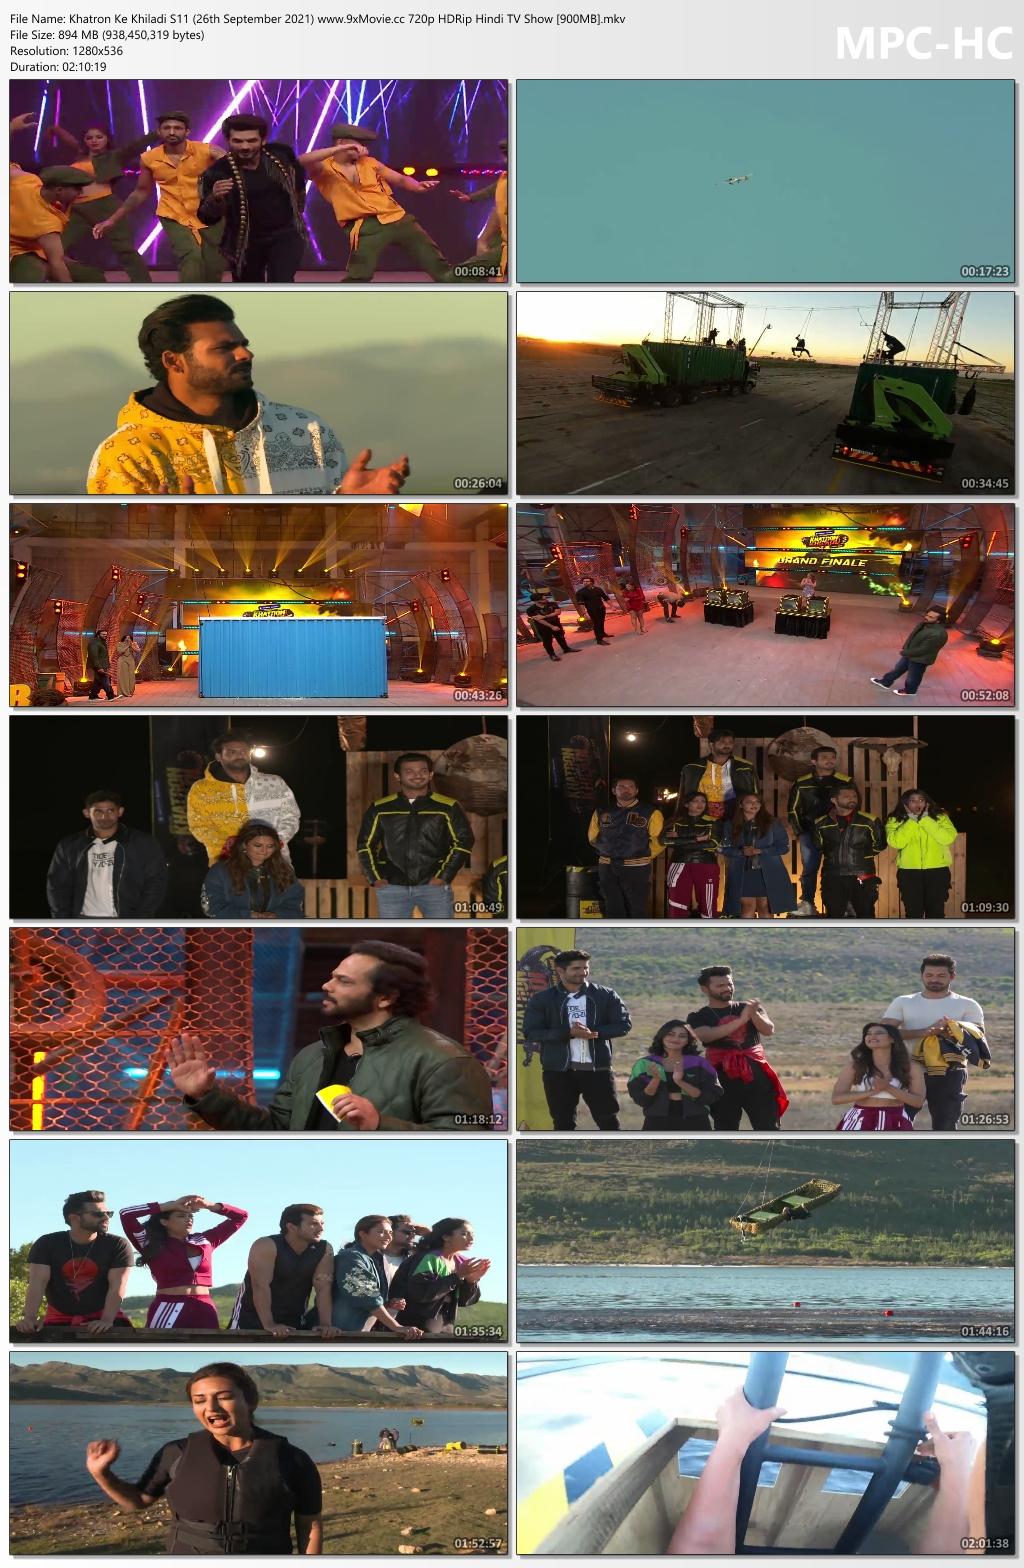 Khatron-Ke-Khiladi-S11-26th-September-2021-www-9x-Movie-cc-720p-HDRip-Hindi-TV-Show-900-MB-mkv